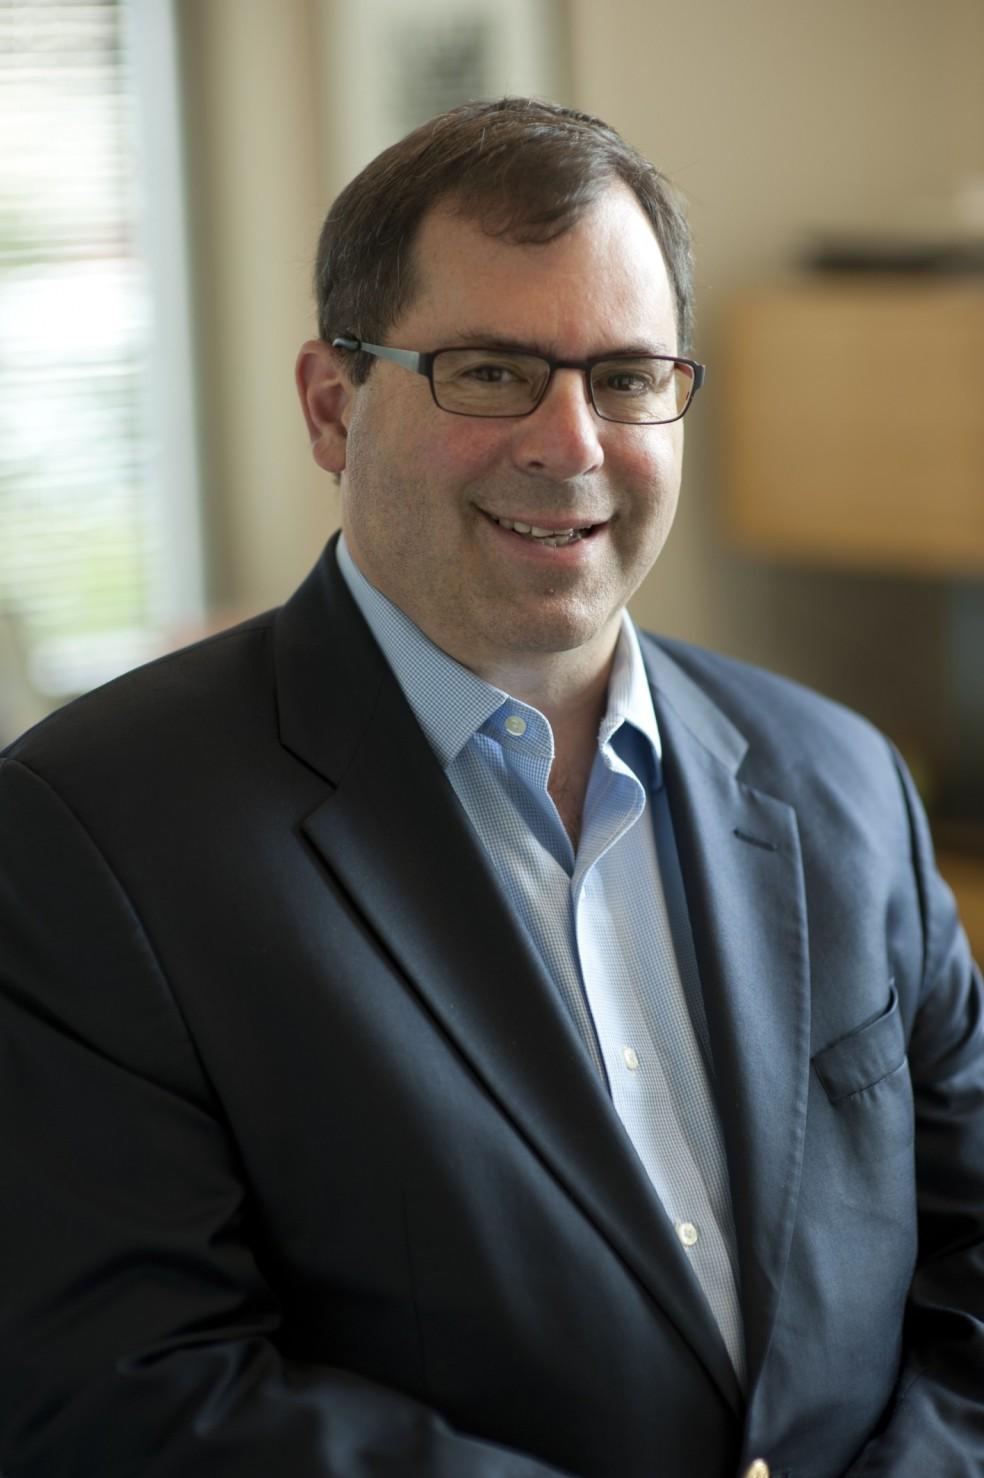 Jonathan Himmelfarb